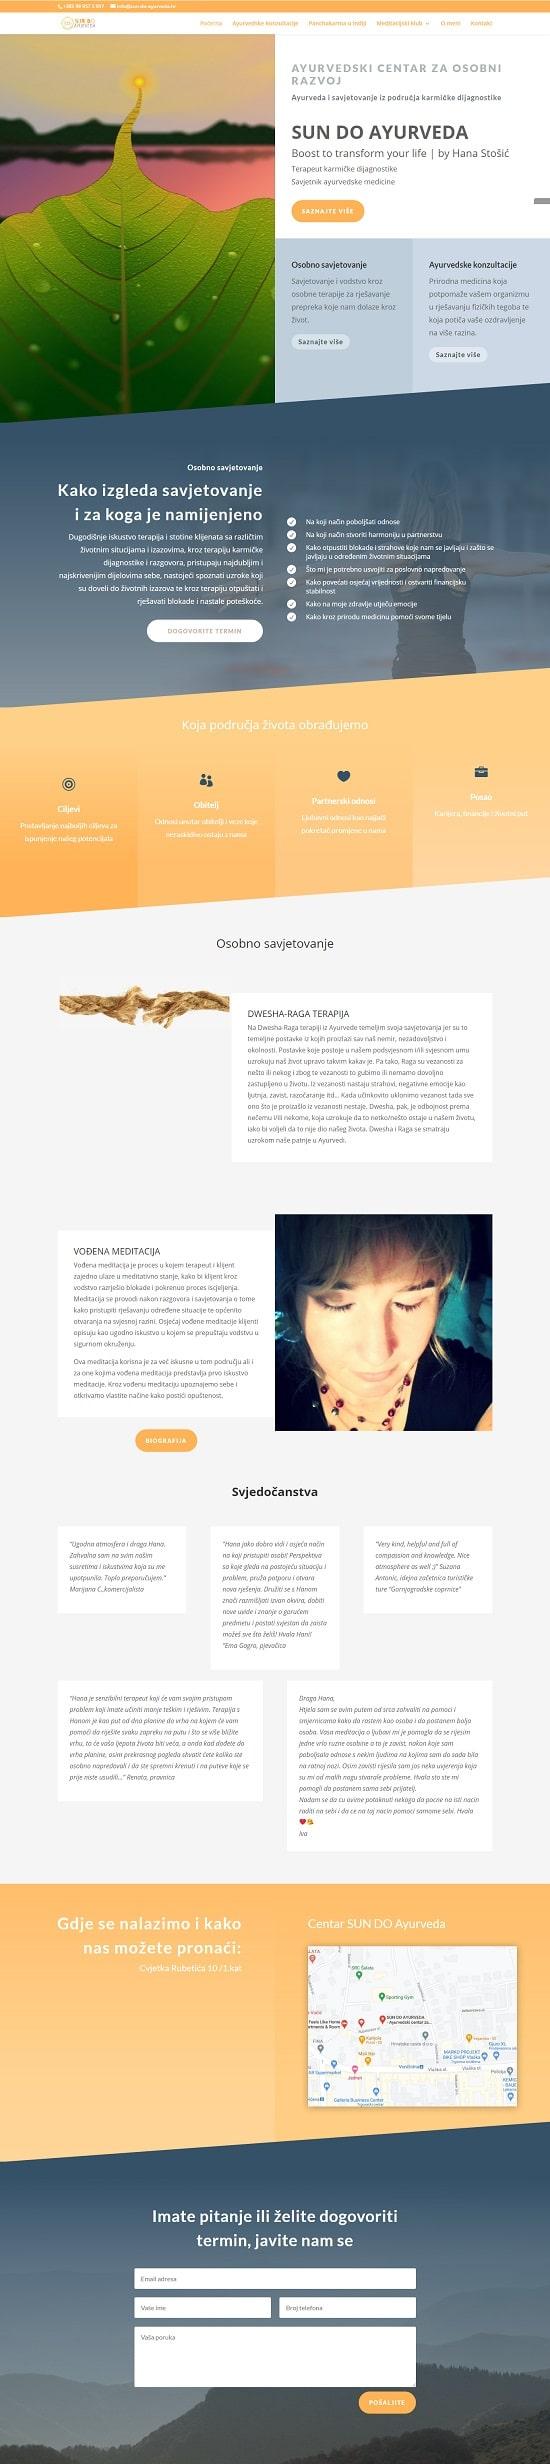 Lav izrada web stranica - portfolio - sun do ayurveda